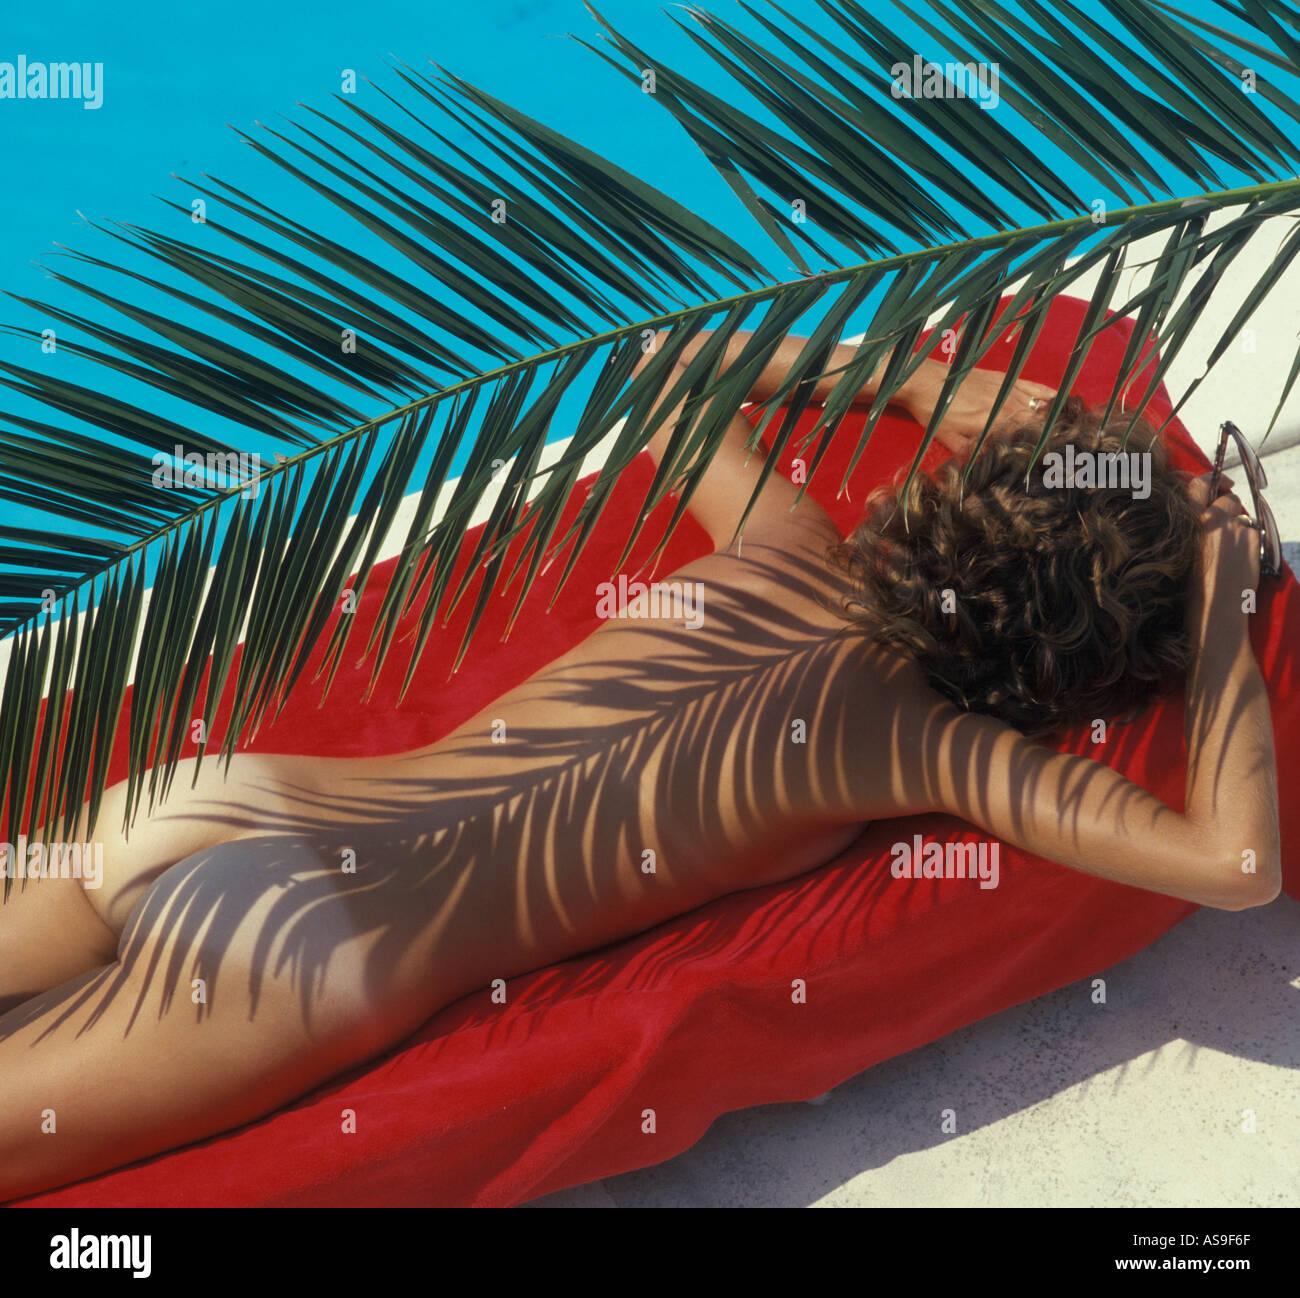 Mujer Desnuda Tomando El Sol En La Piscina Foto Imagen De Stock